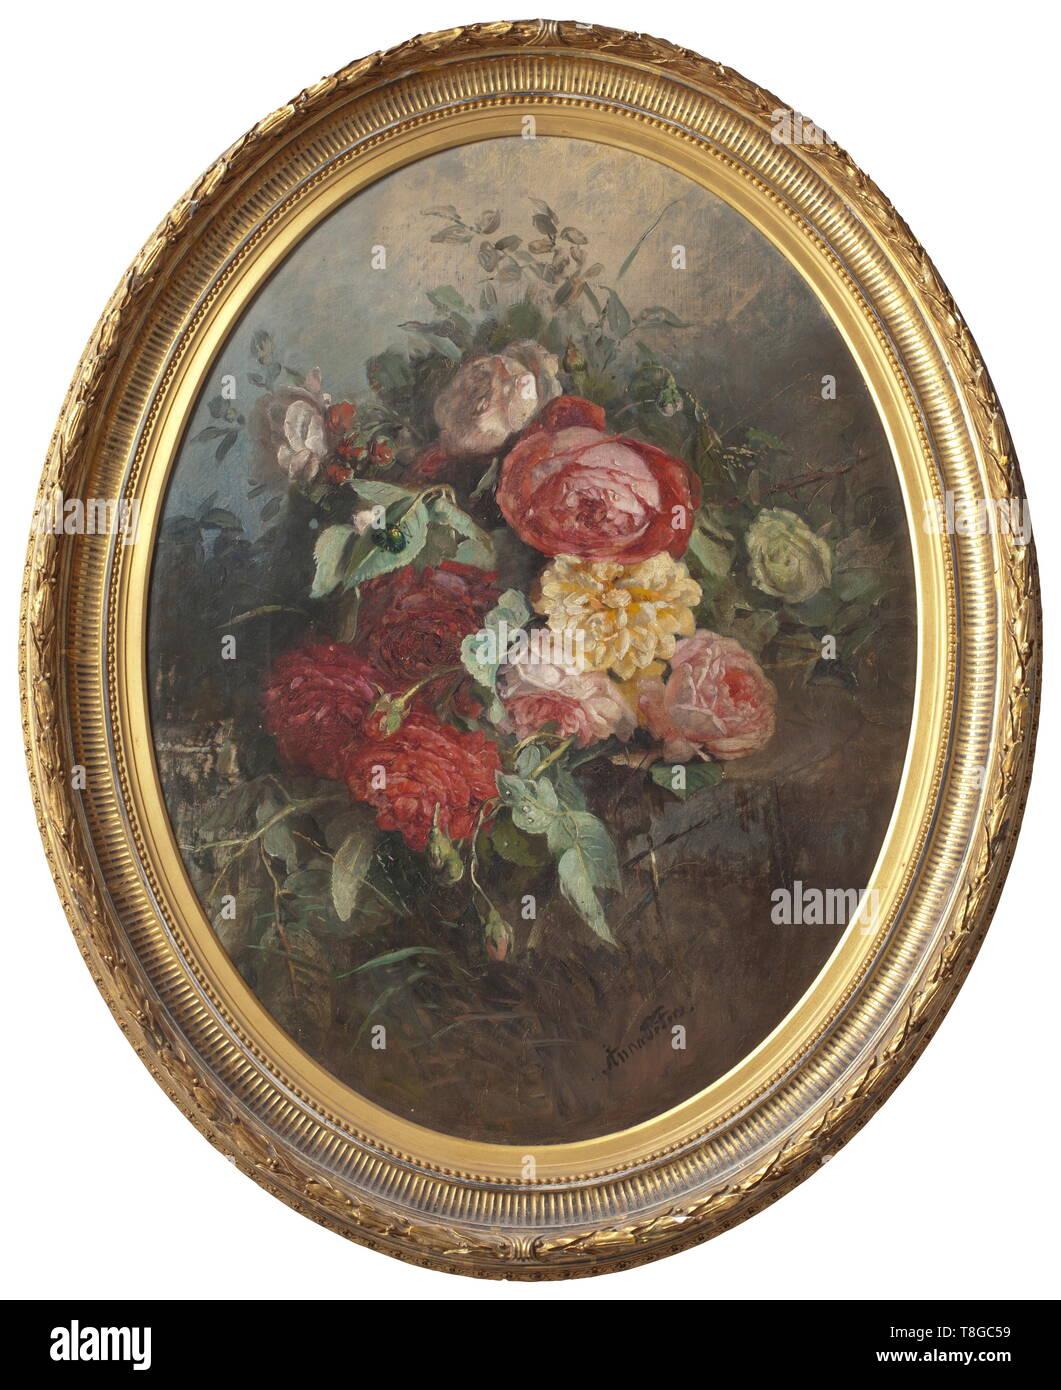 Anna Peters (1843 - 1926) - Un ovale floral still life con le peonie, circa 1880 olio su tela. Firmato in basso a destra 'Anna Peters'. In un gesso dorato telaio (con il minimo di scheggiatura). Sul lato opposto dei resti di una etichetta di inventario della Granduchessa Olga Nikolaevna Romanova. Leggermente strofinata. Dimensioni della pittura di 70 x 53 cm, dimensioni del telaio 87 x 70 cm. Anna Peters - celebre pittore tedesco di fiori. Ha lavorato a Stoccarda. I suoi dipinti possono essere trovati presso il museo municipale in Biberach, presso il museo di Stoccarda come pure in forma, Additional-Rights-Clearance-Info-Not-Available Immagini Stock